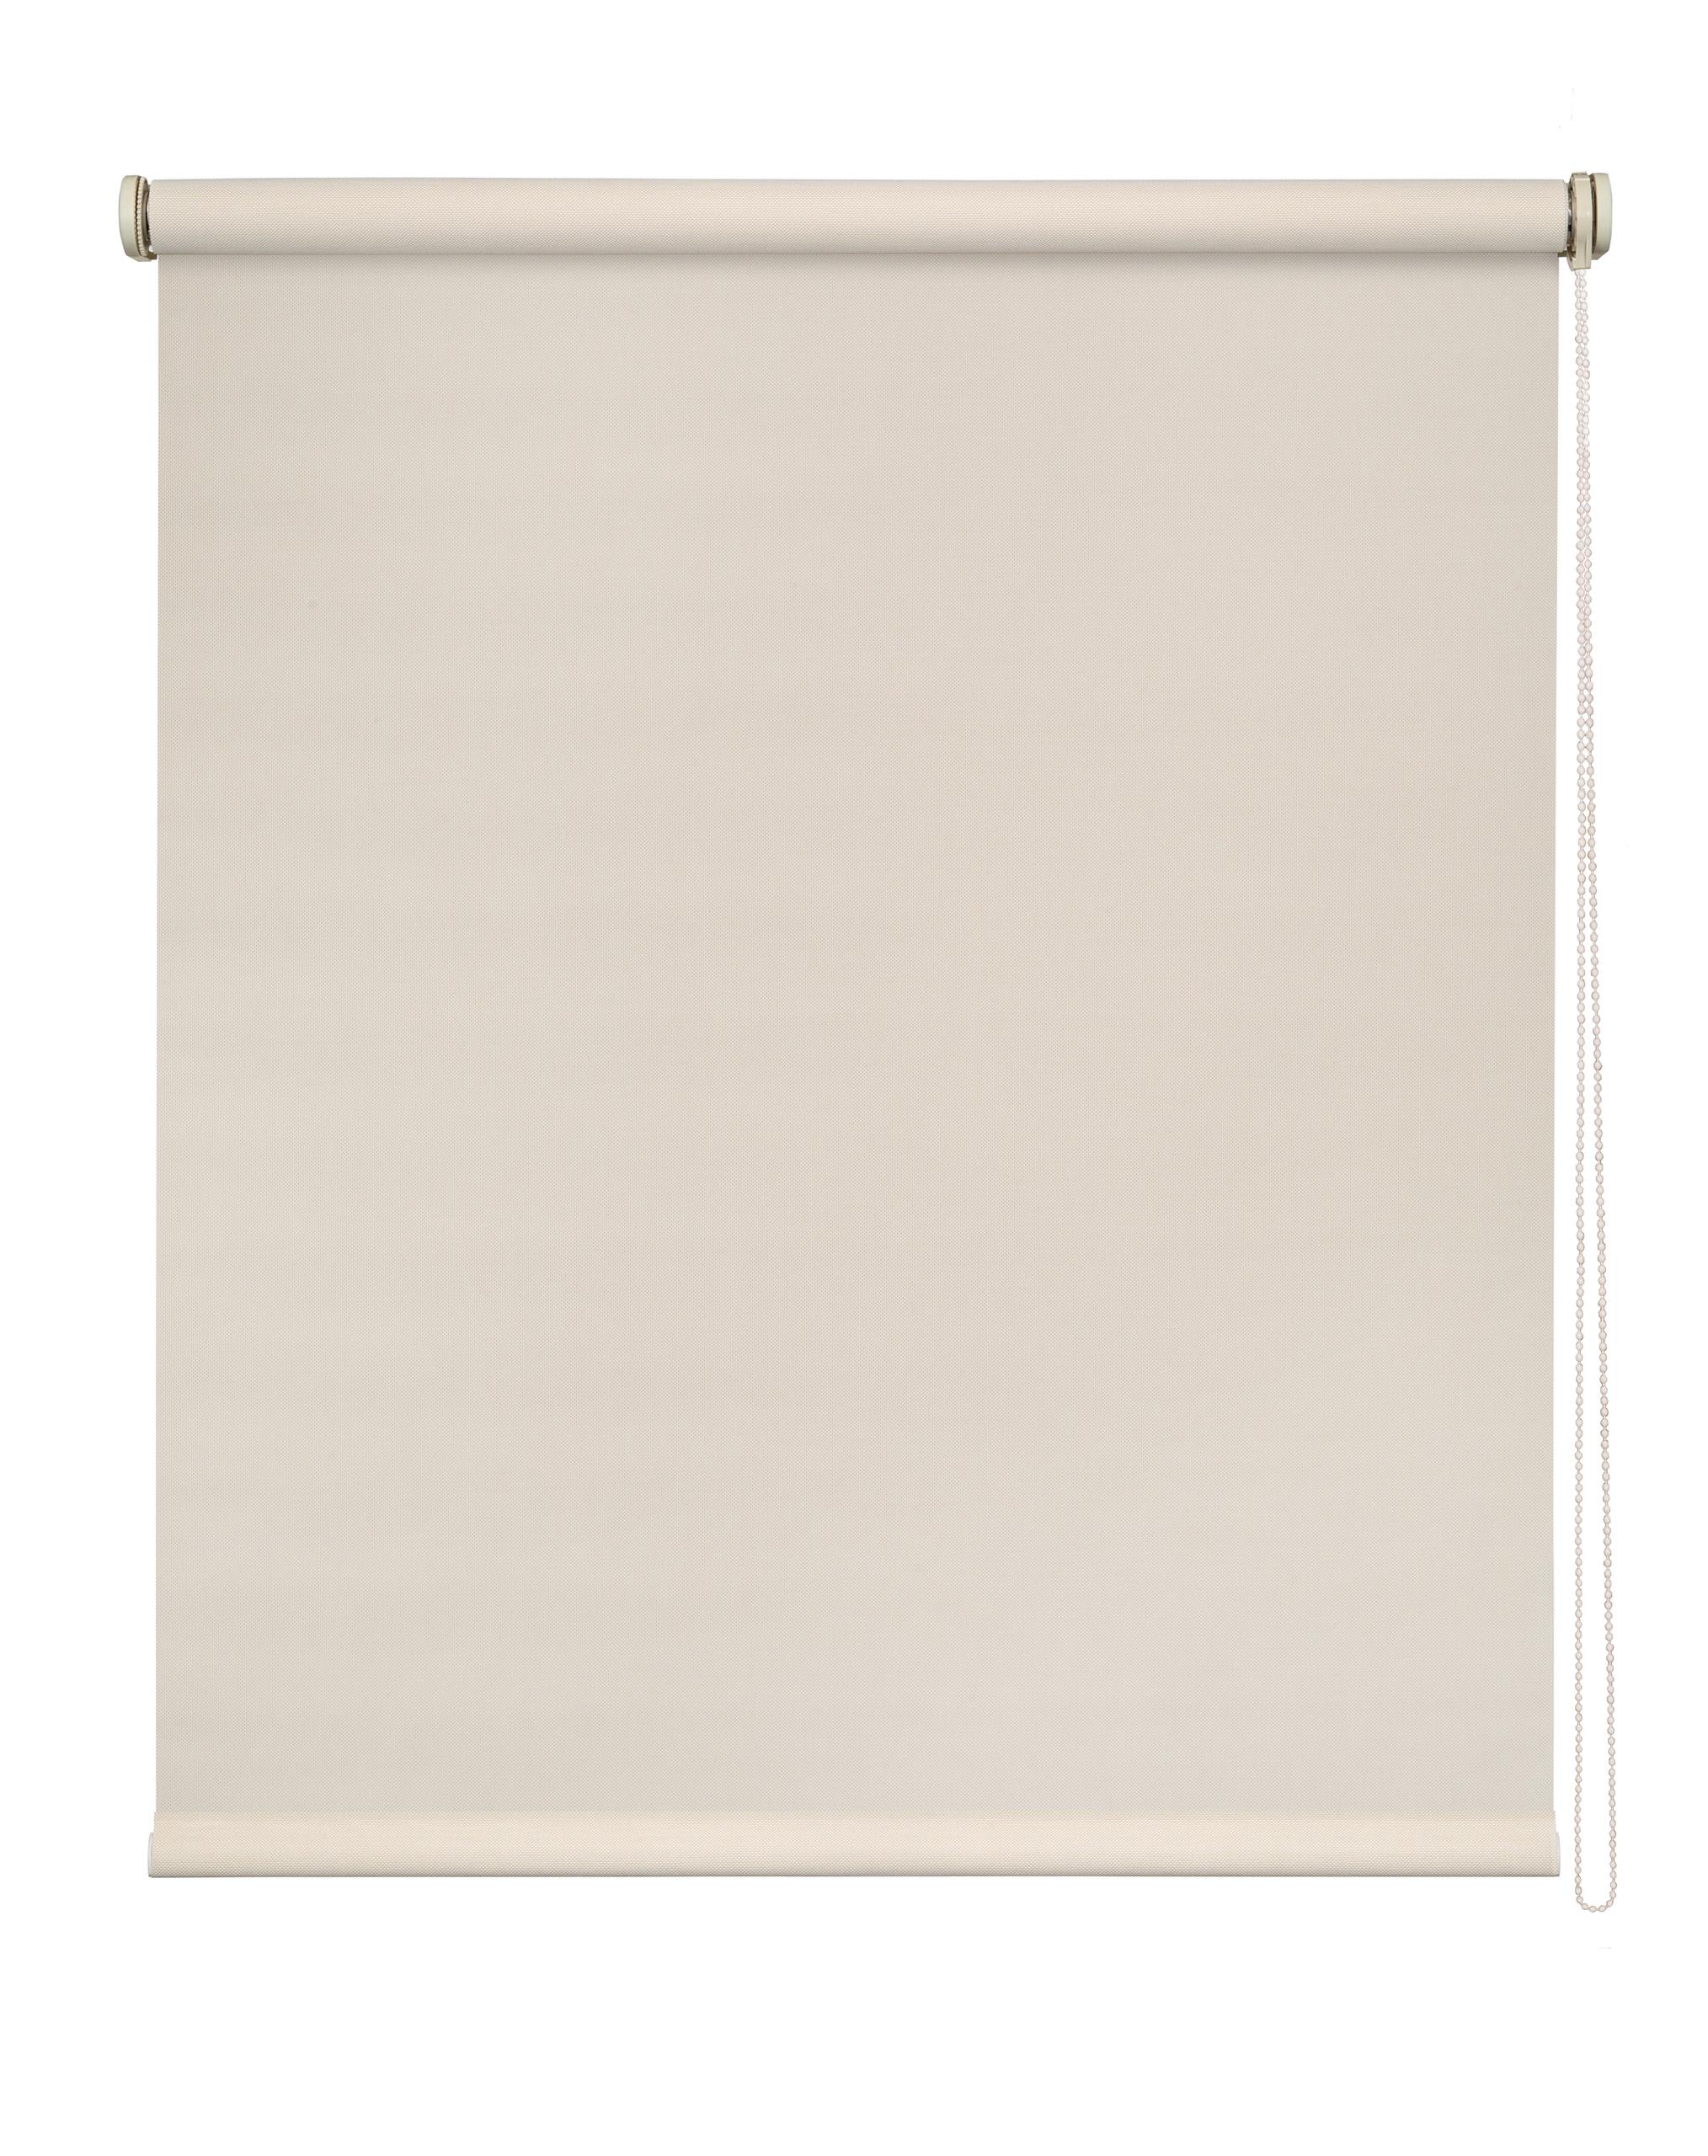 Store Enrouleur voile Screen - Gris - 150 x 250 cm